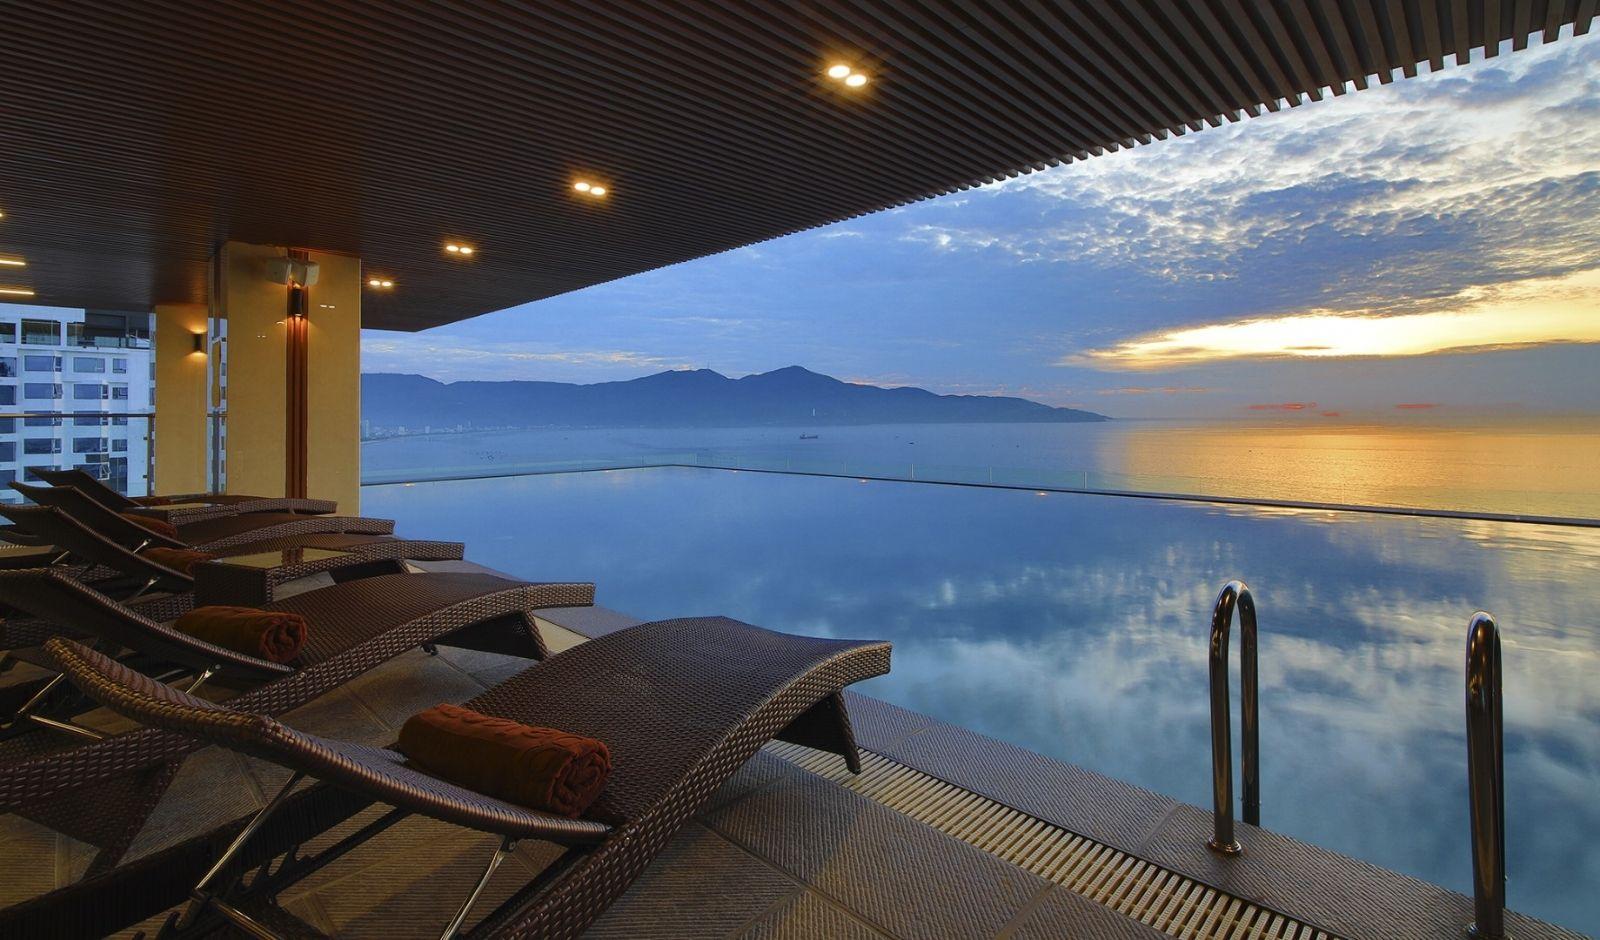 Bể bơi vô cực ở Khách sạn Balcona Đà Nẵng